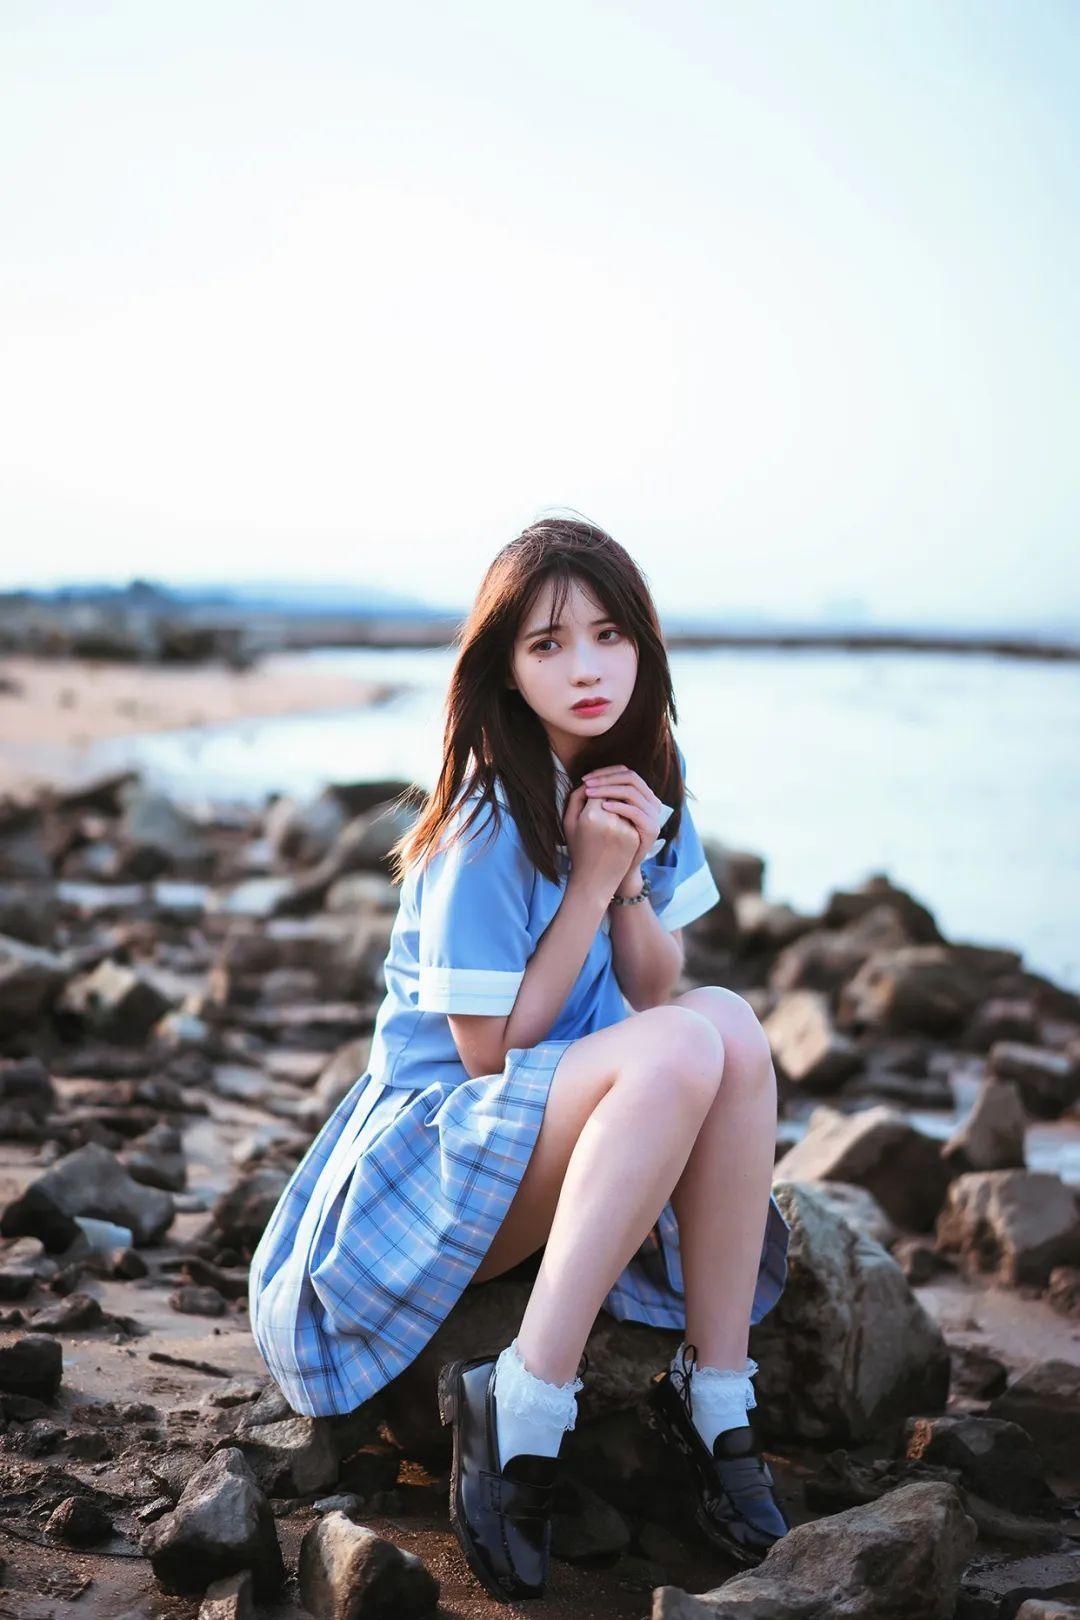 妹子摄影 – JK制服美腿少女坐在海边_图片 No.4